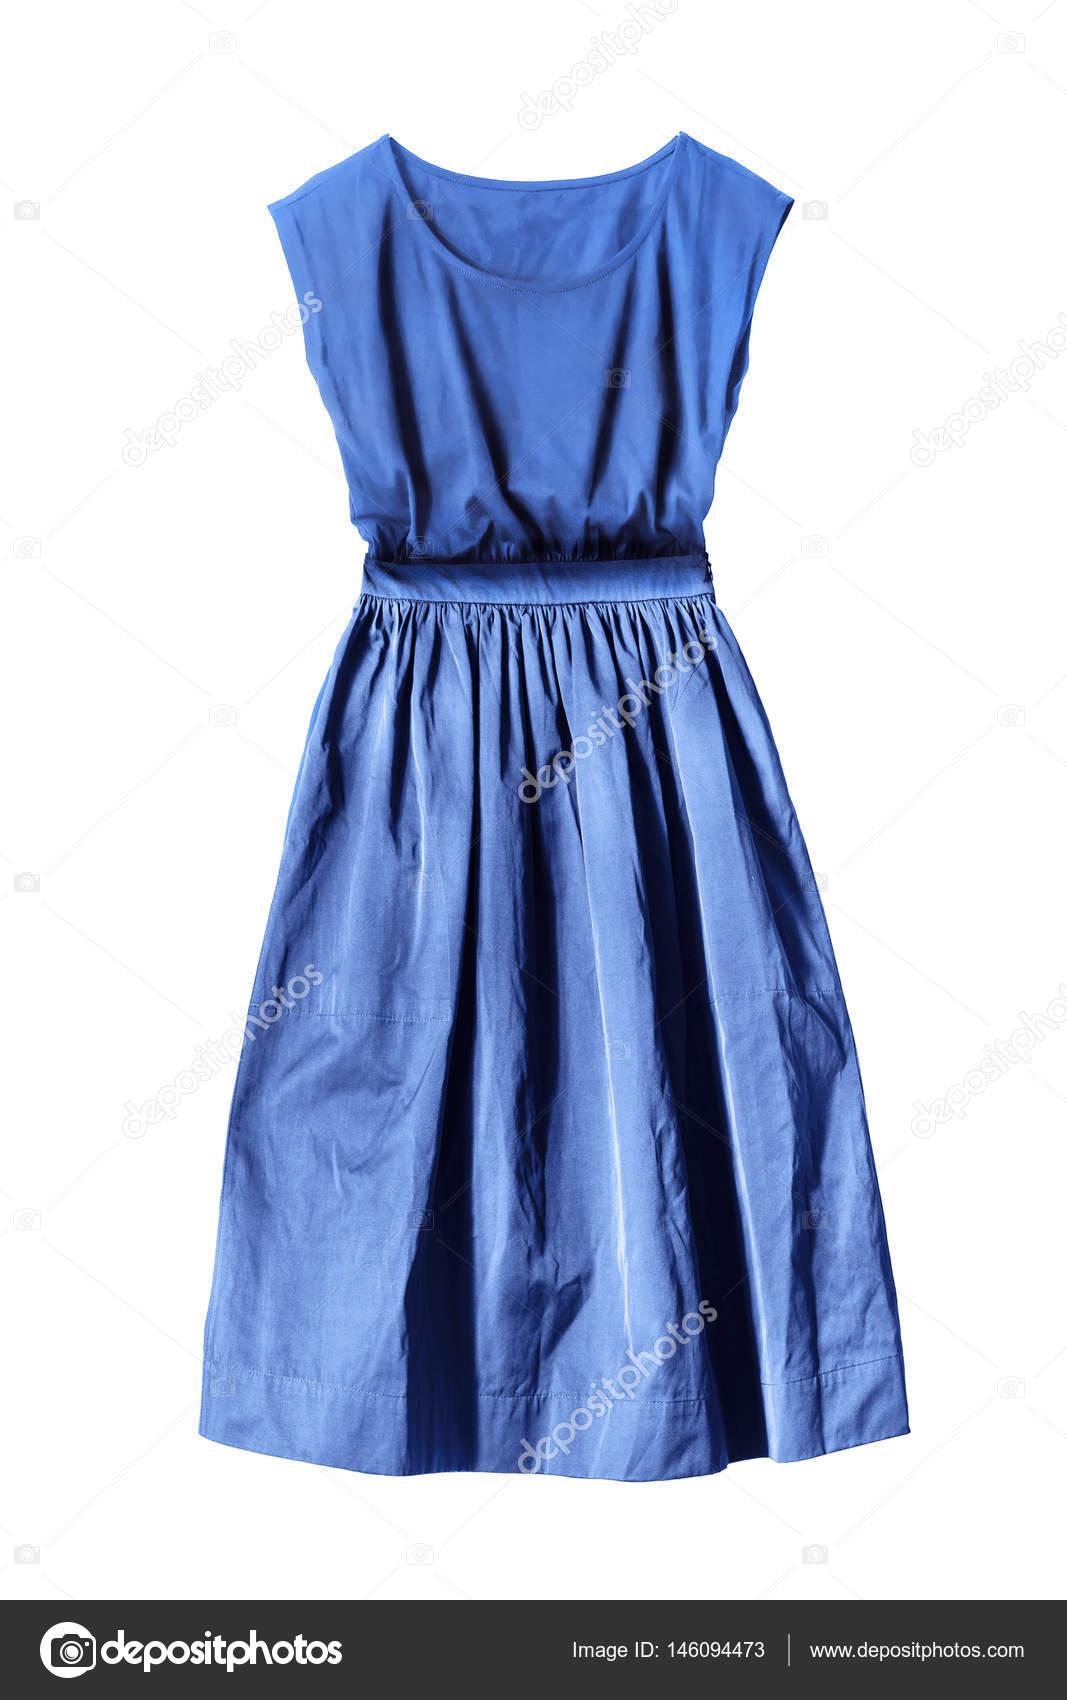 Blaues Kleid isoliert — Stockfoto © Tarzhanova #146094473